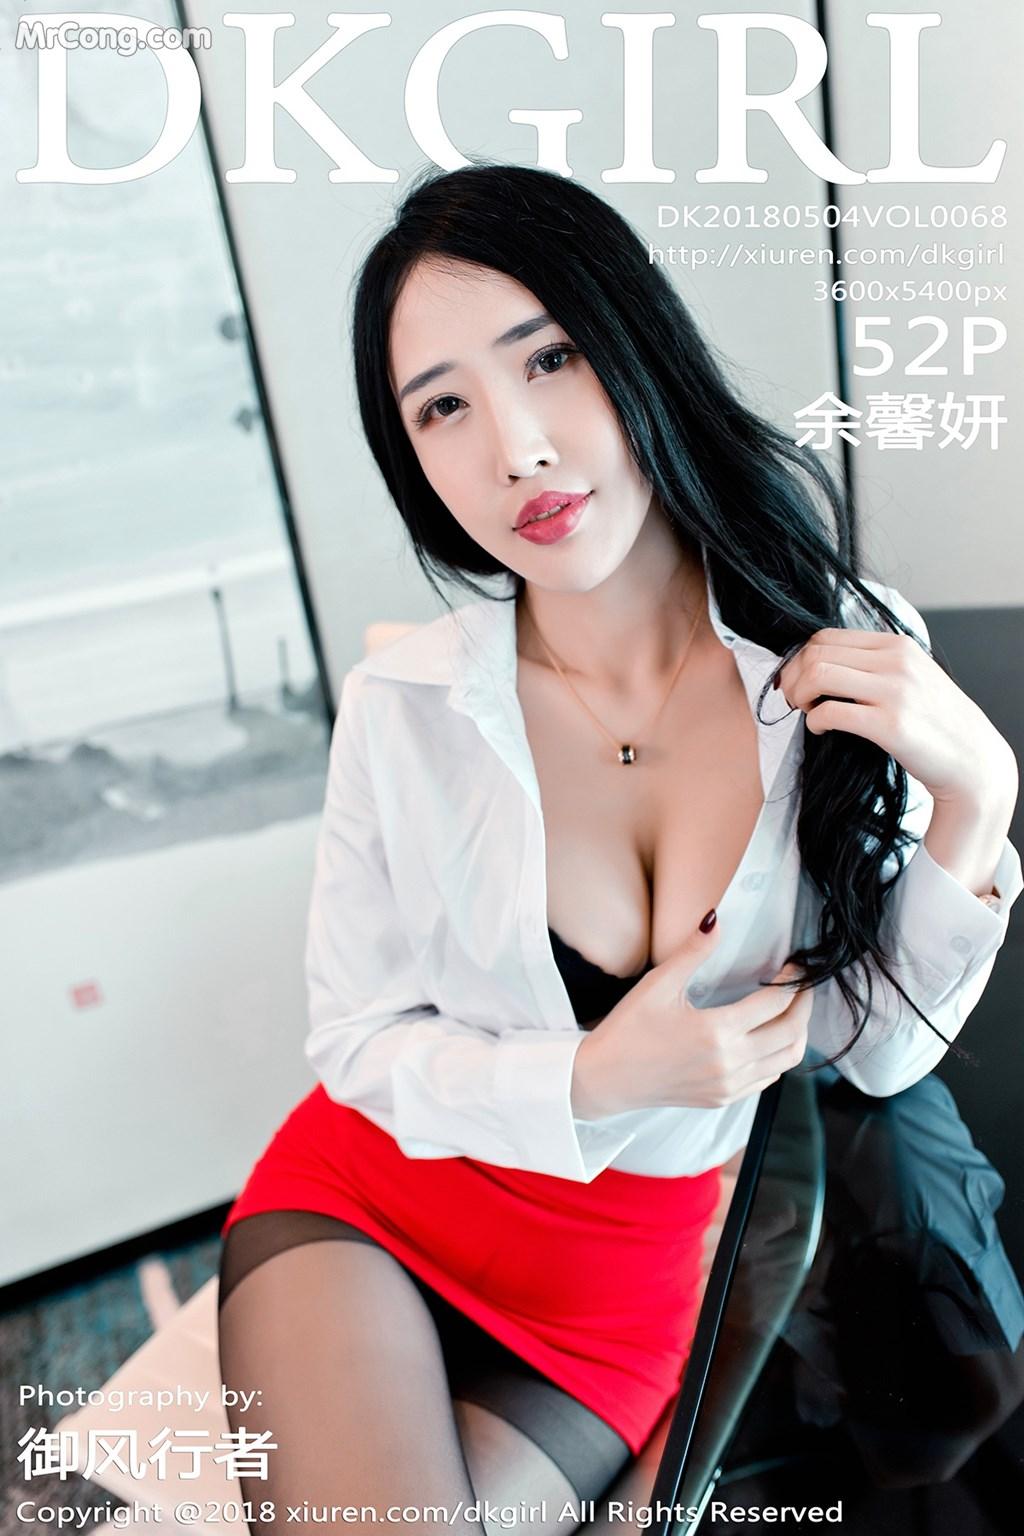 DKGirl Vol.068: Người mẫu Yu Xin Yan (余馨妍) (53 ảnh)